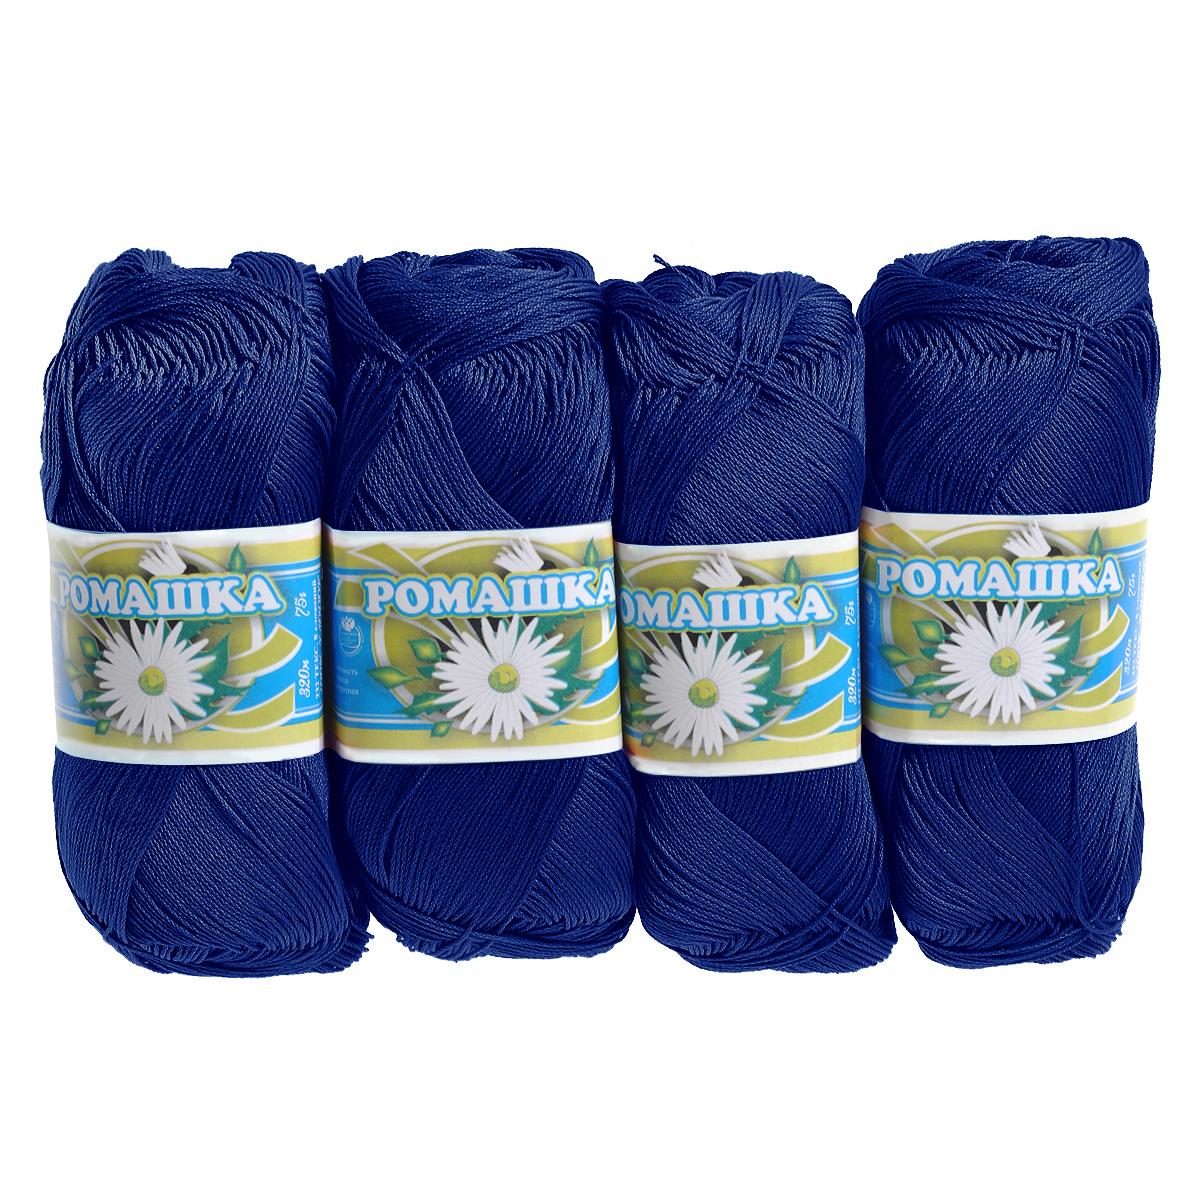 Нитки вязальные Ромашка, хлопчатобумажные, цвет: темно-синий (2411), 320 м, 75 г, 4 шт0211302071778